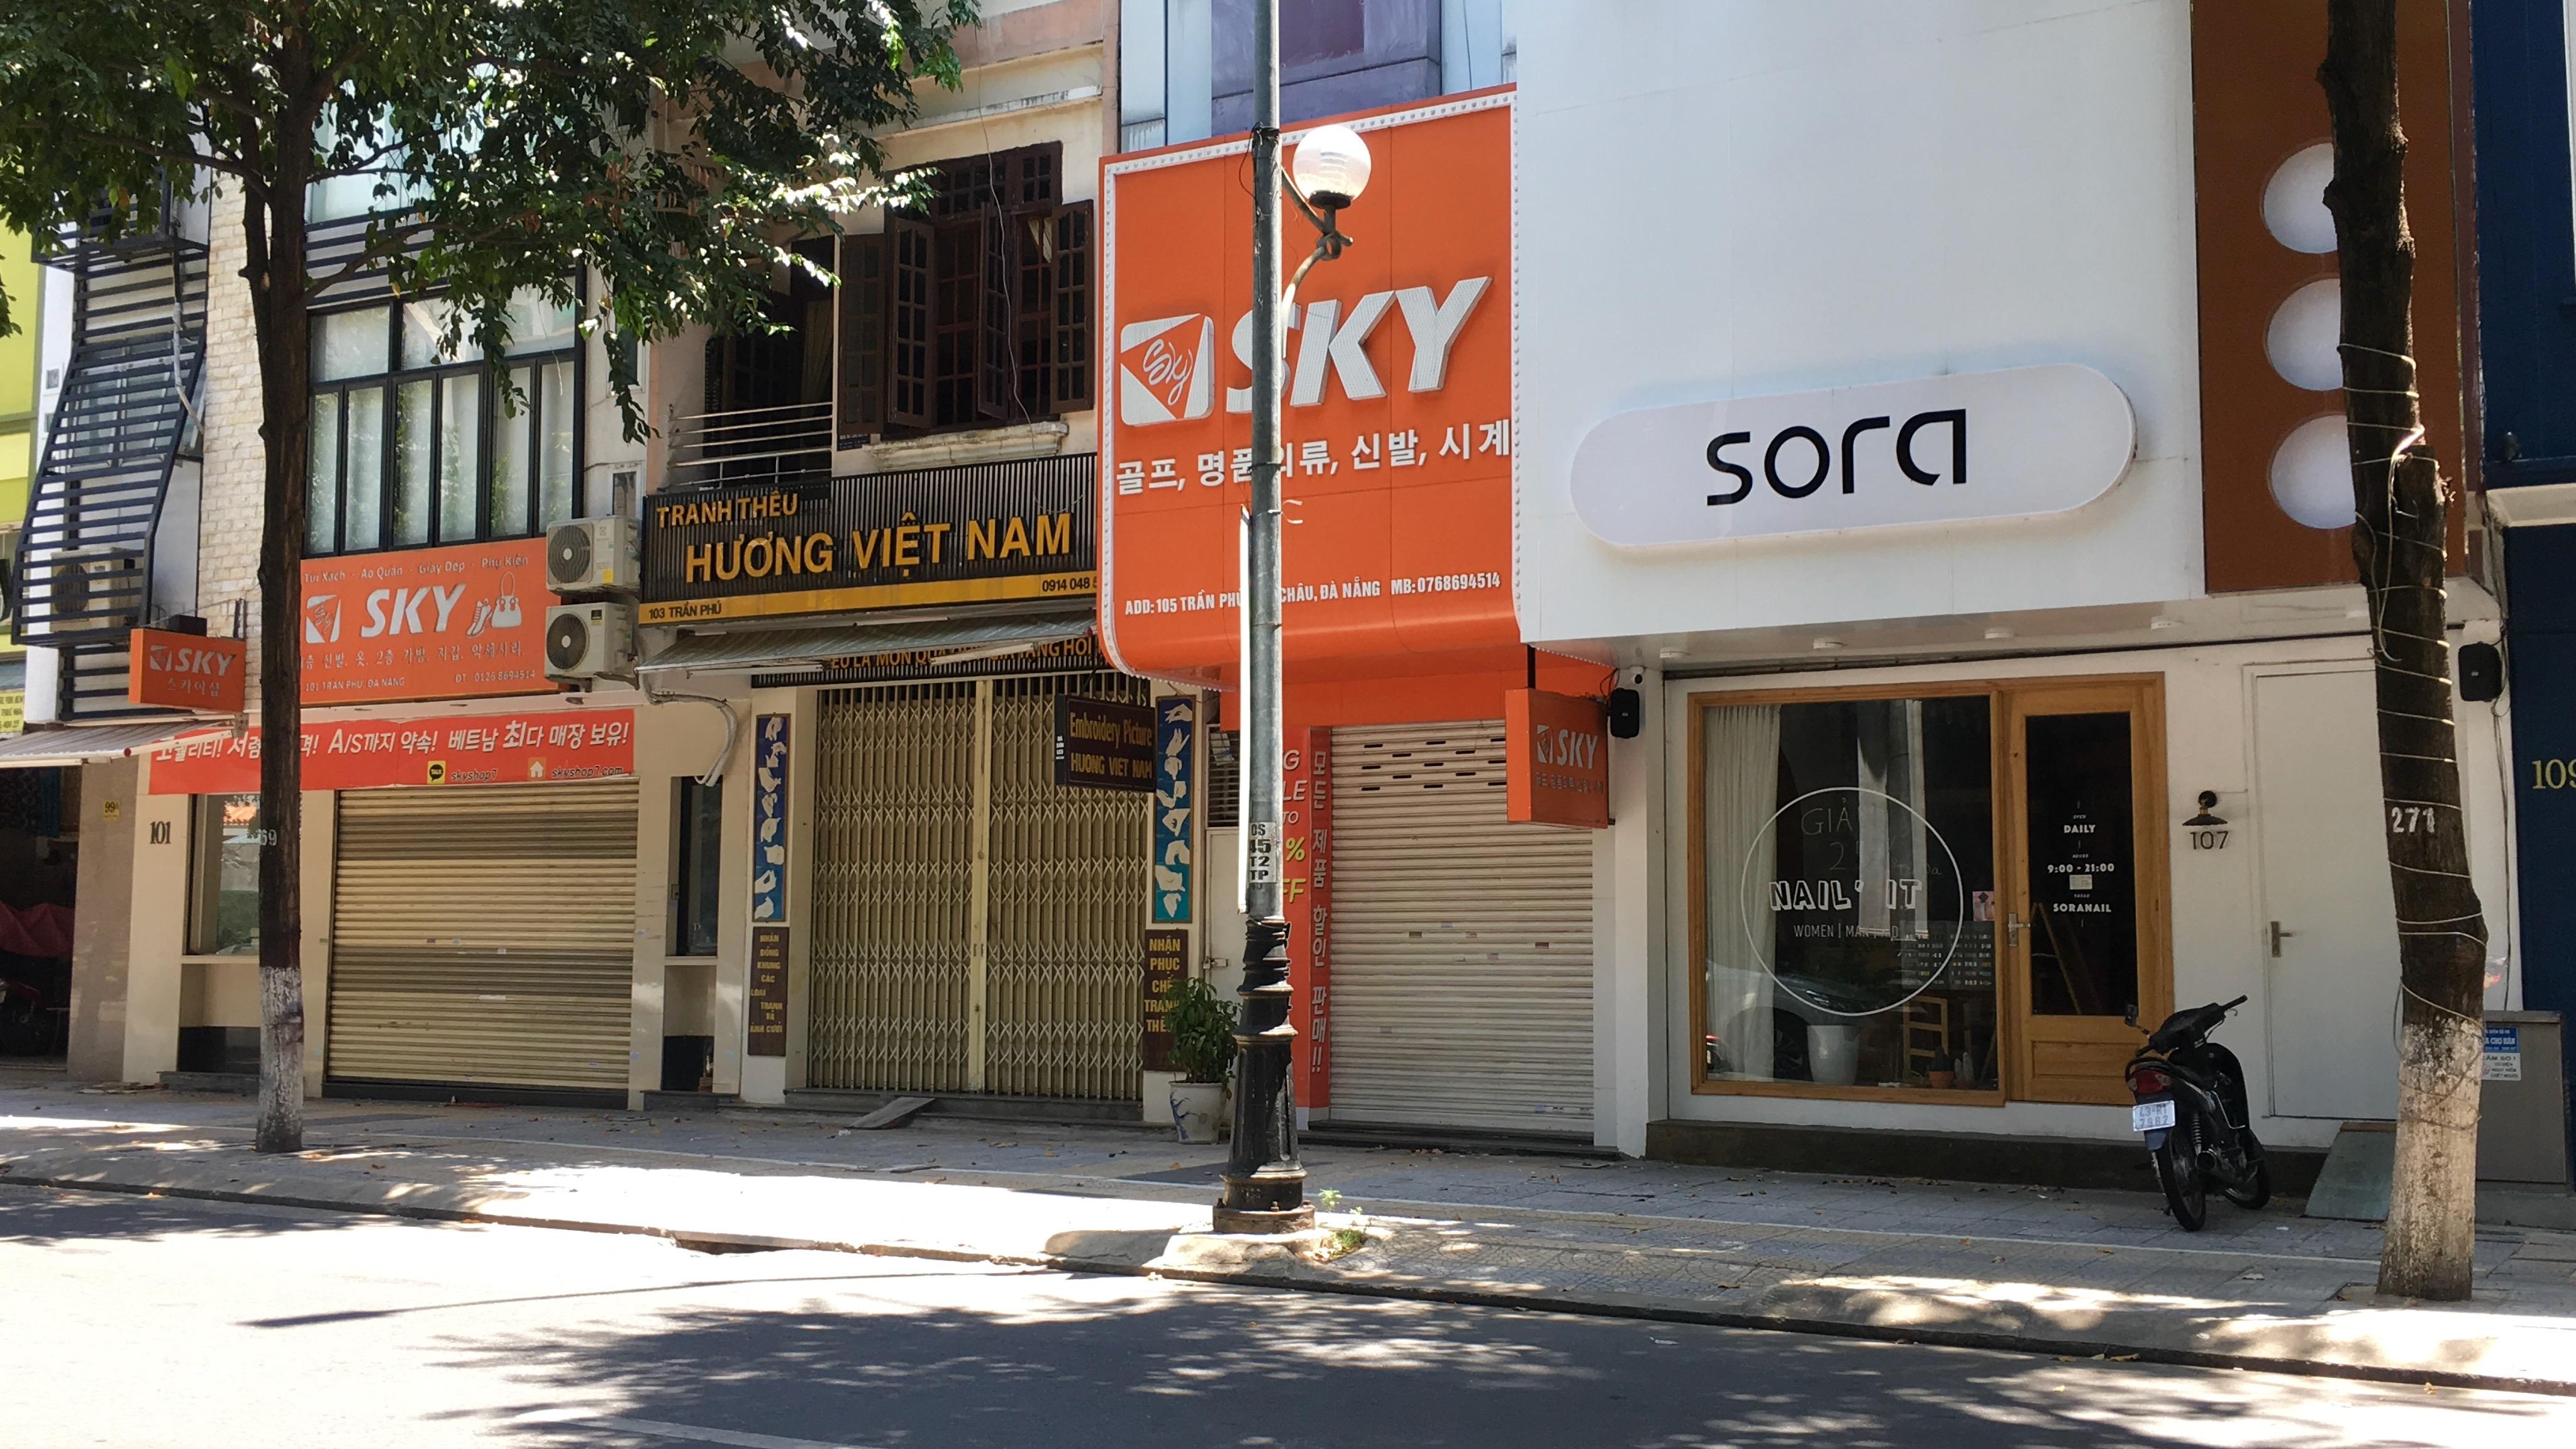 Đà Nẵng nới lỏng giãn cách xã hội: Phố thời trang vẫn đóng cửa không kinh doanh, trong khi hàng quán bán thức ăn mang về đông - Ảnh 7.